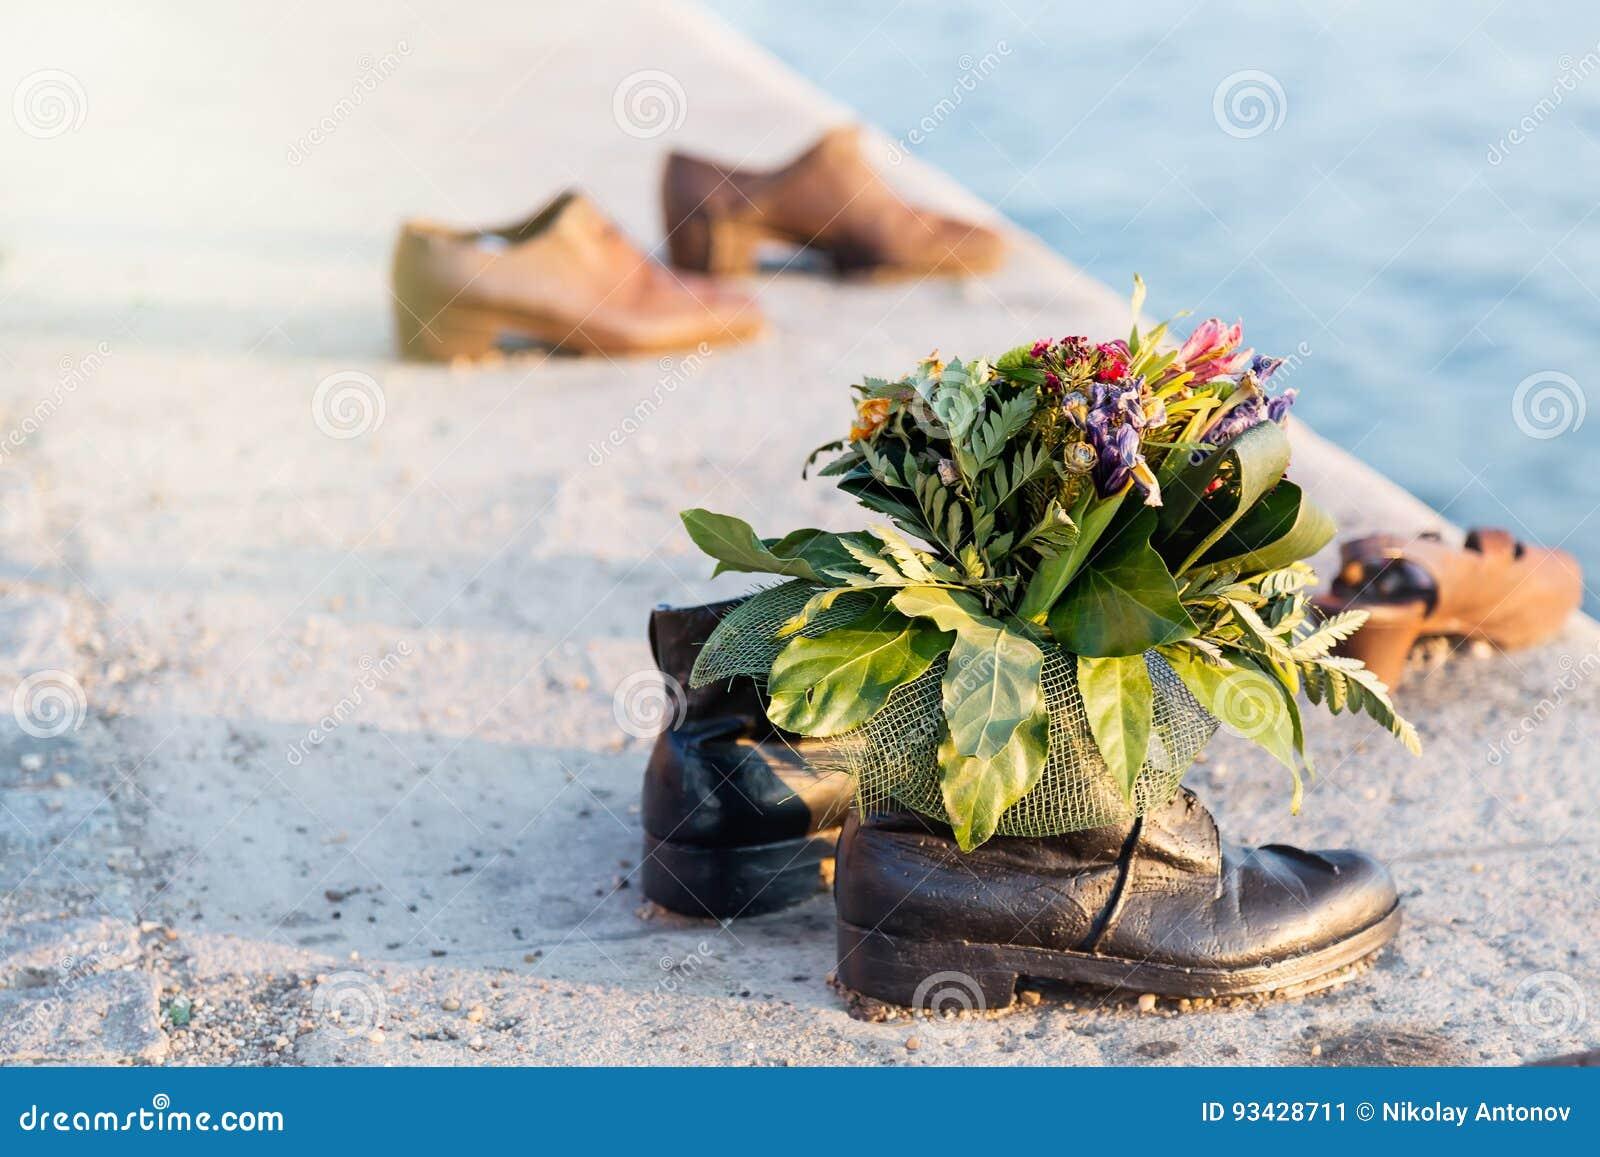 Skor På Donau Med Gruppen Av Blommor Förintelseminnesmärke I